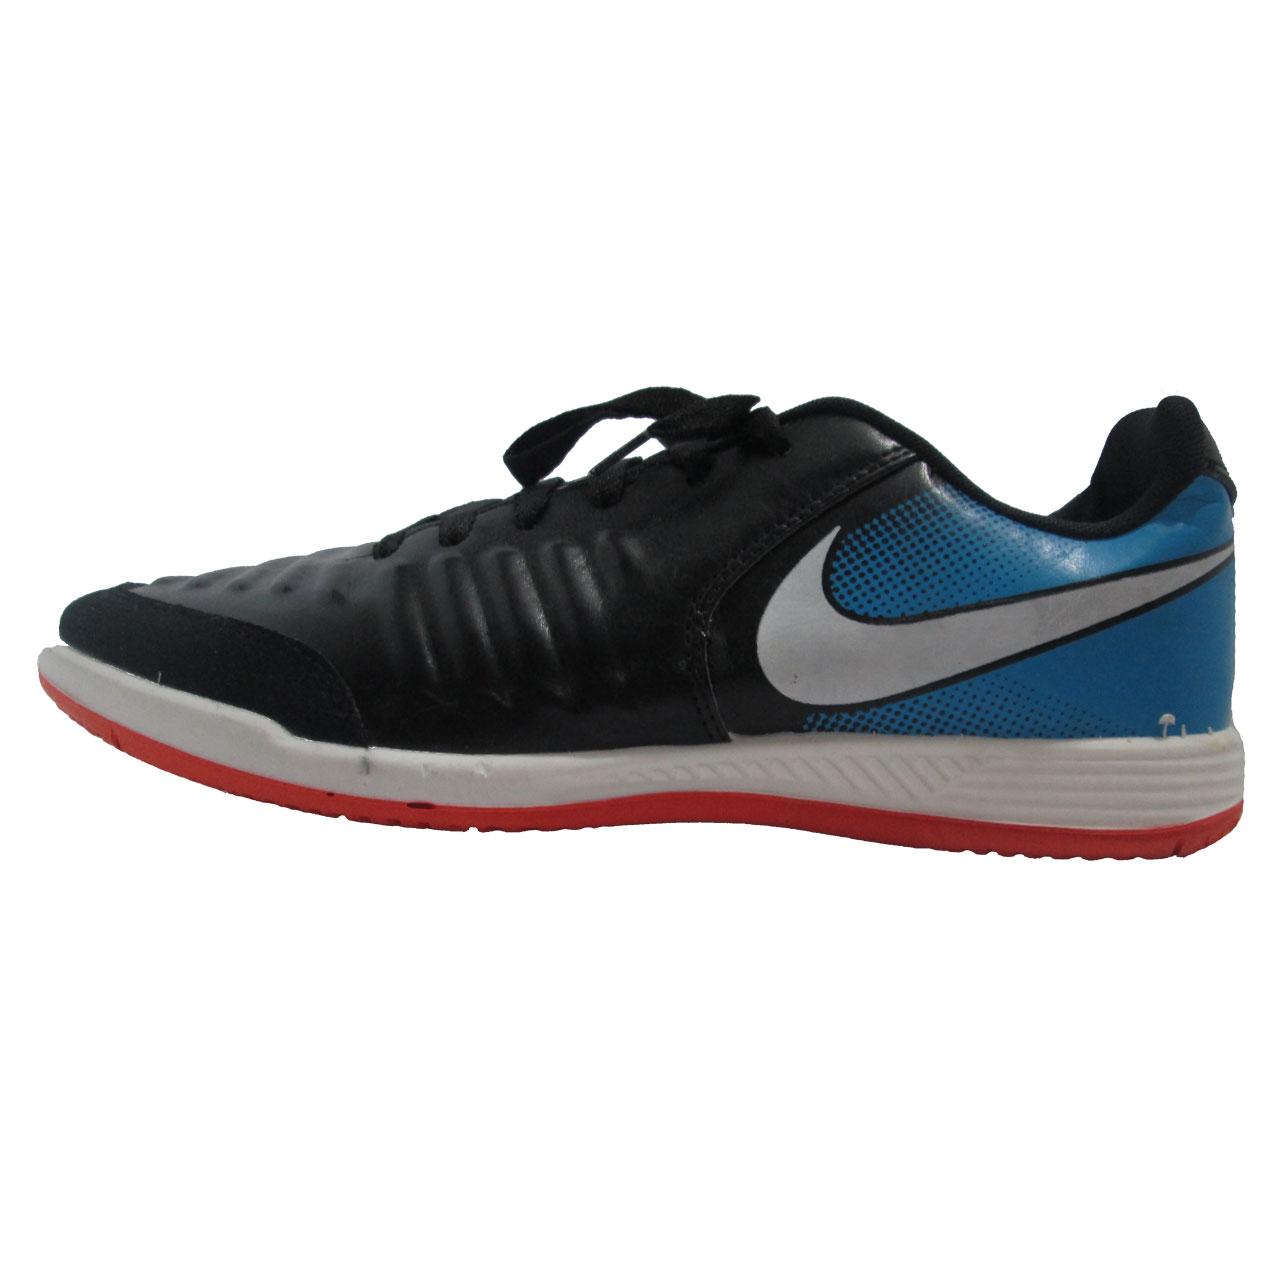 قیمت کفش فوتسال مردانه مدل تمپو 21